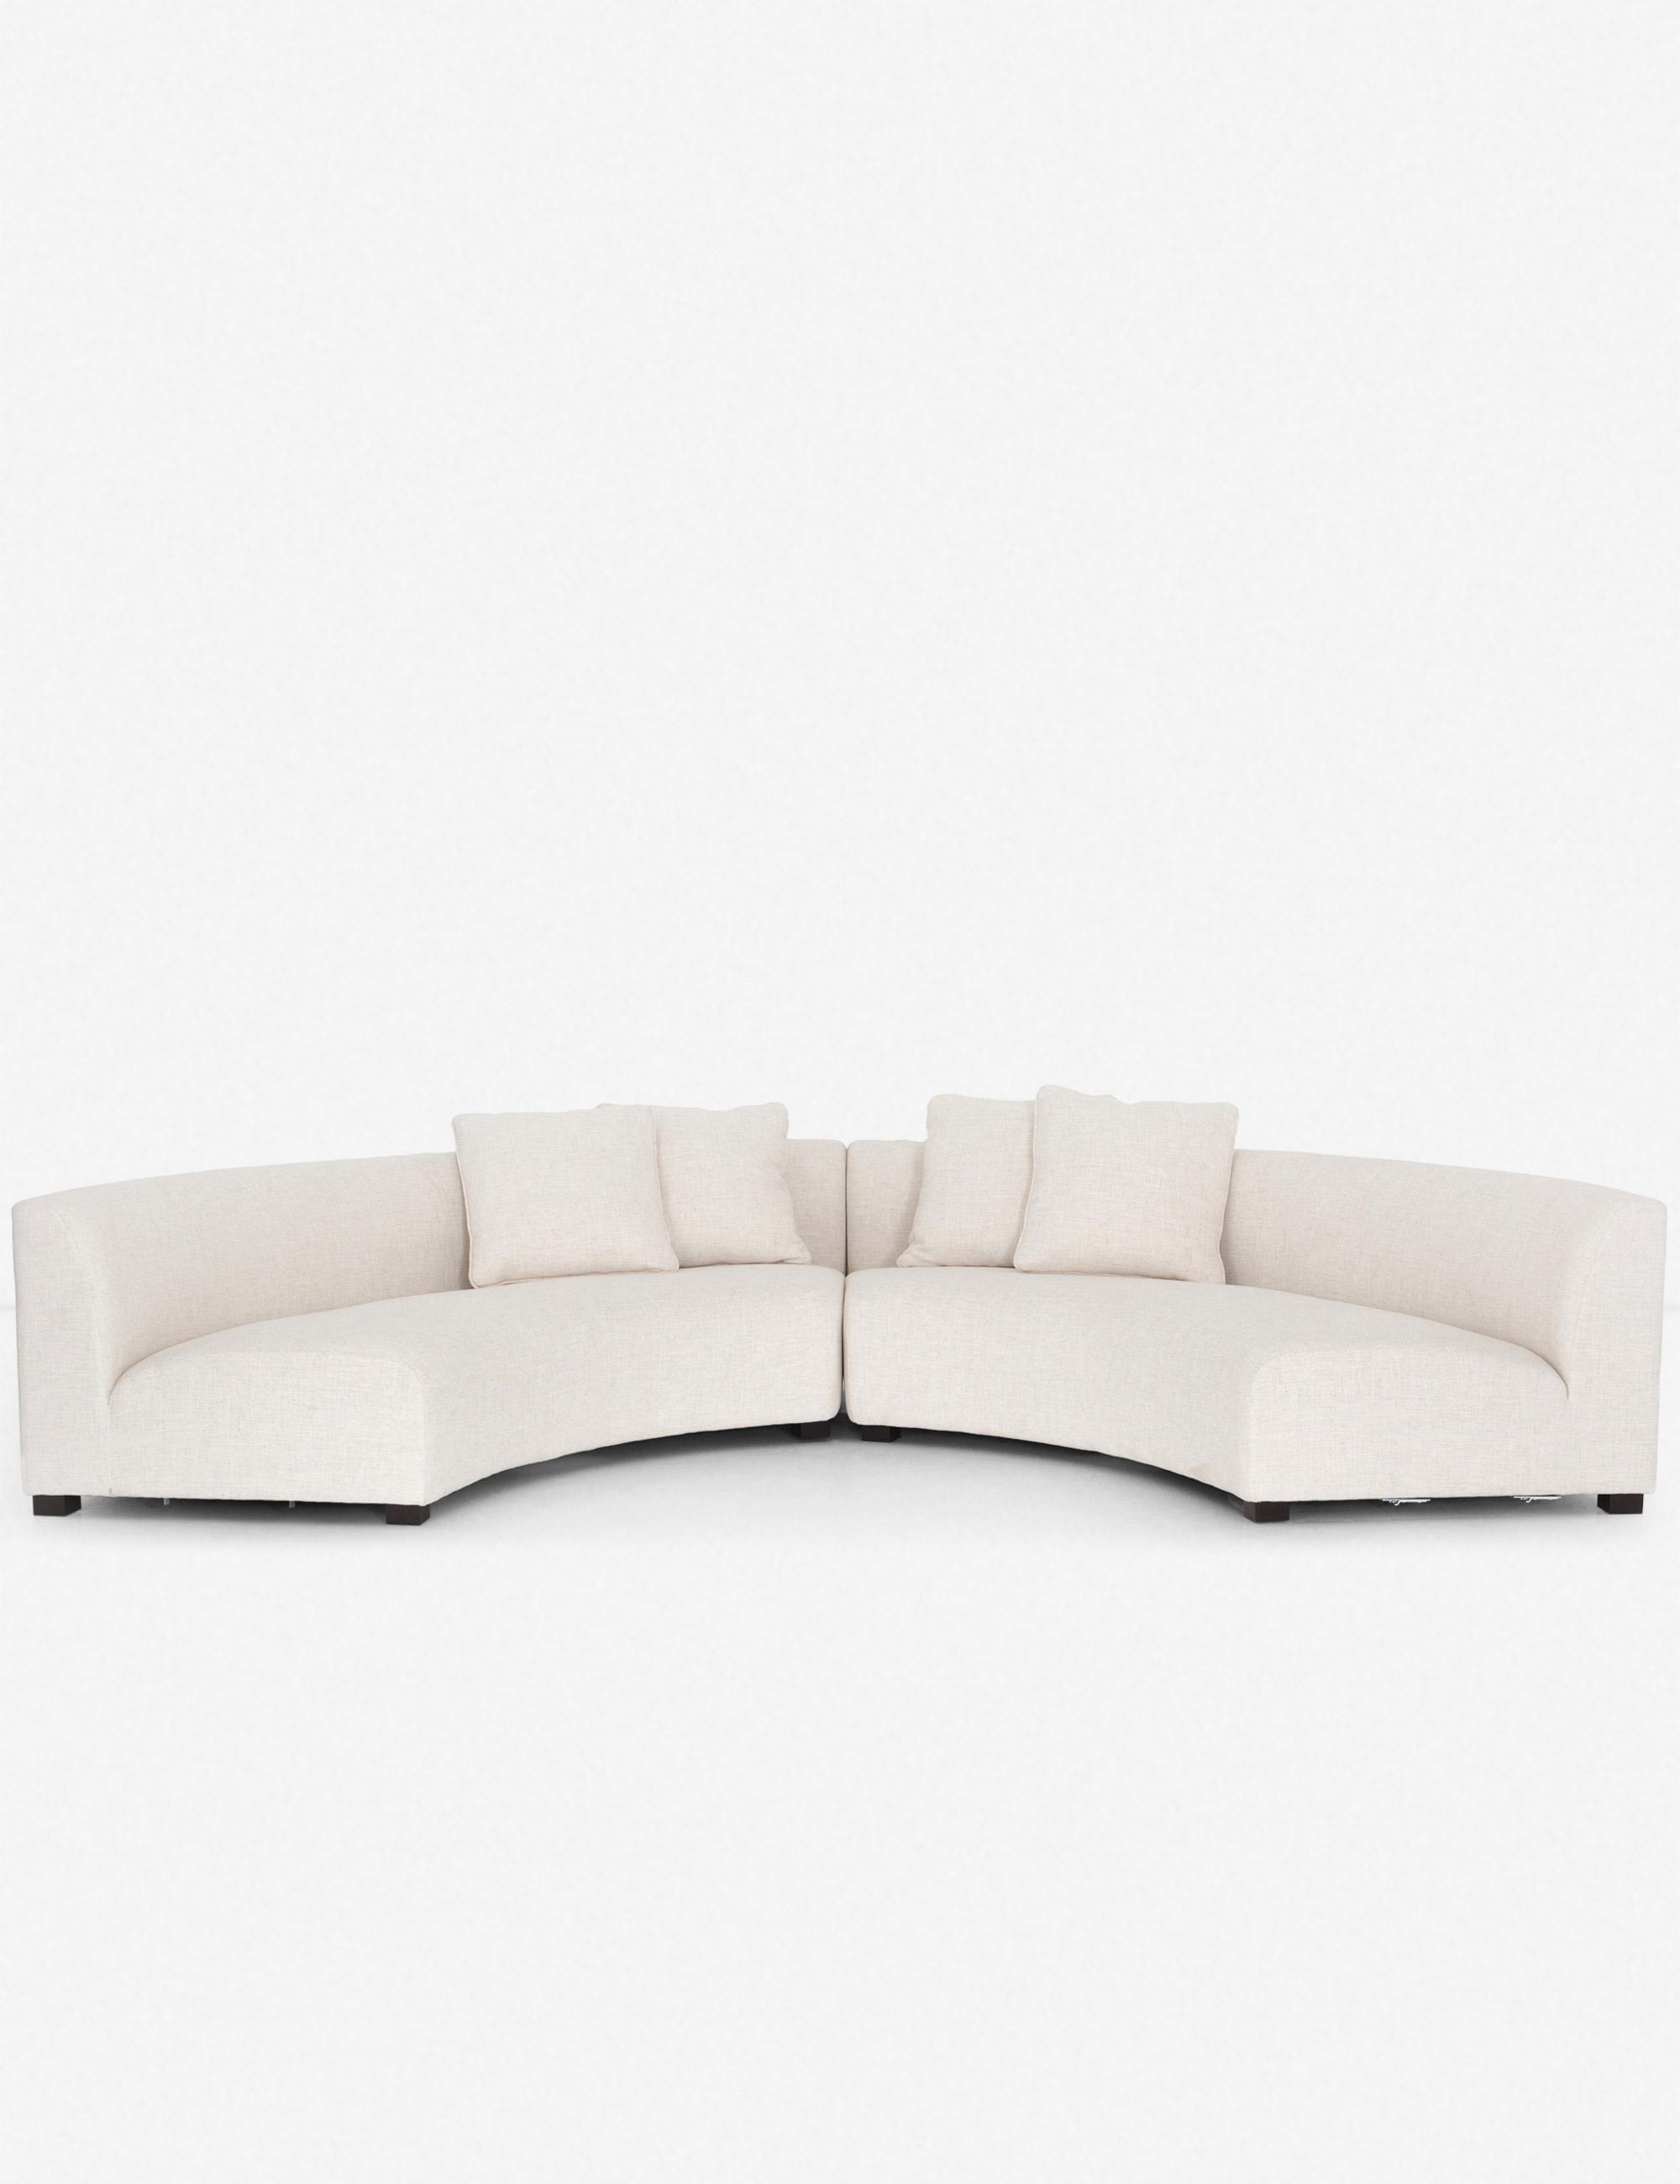 Saban 2-Piece Crescent Sectional Sofa, Ivory